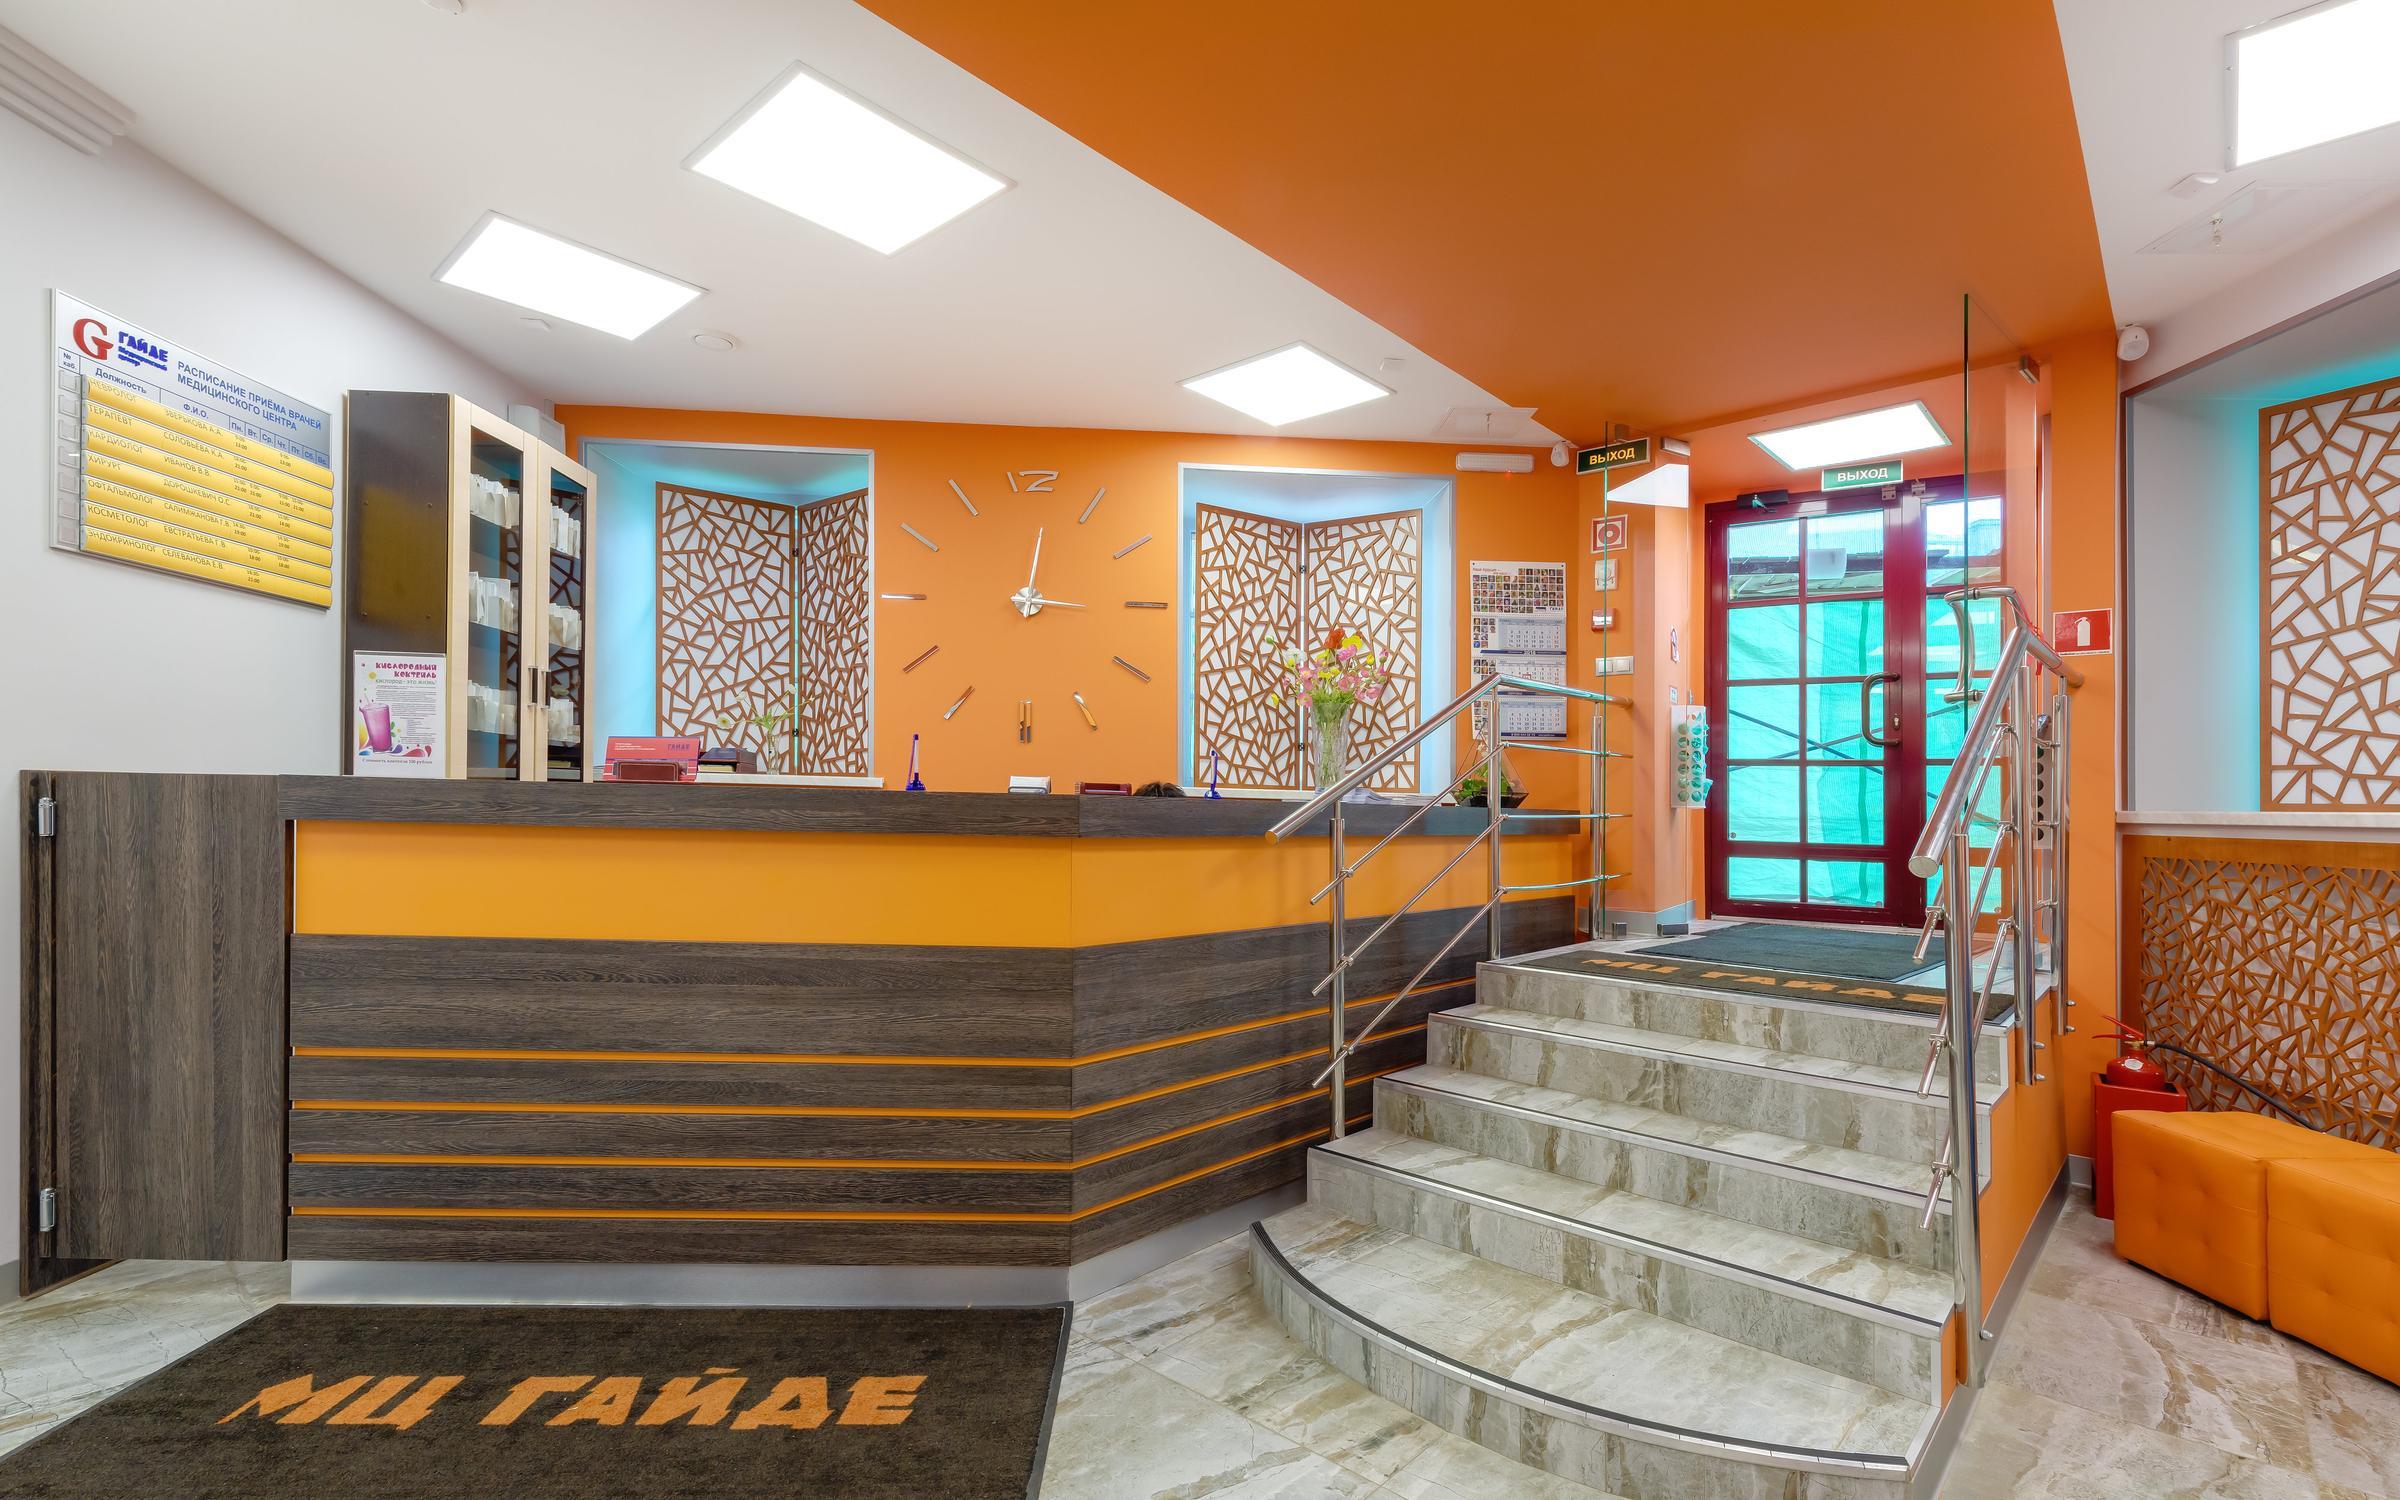 фотография Медицинского центра ГАЙДЕ на Херсонской улице